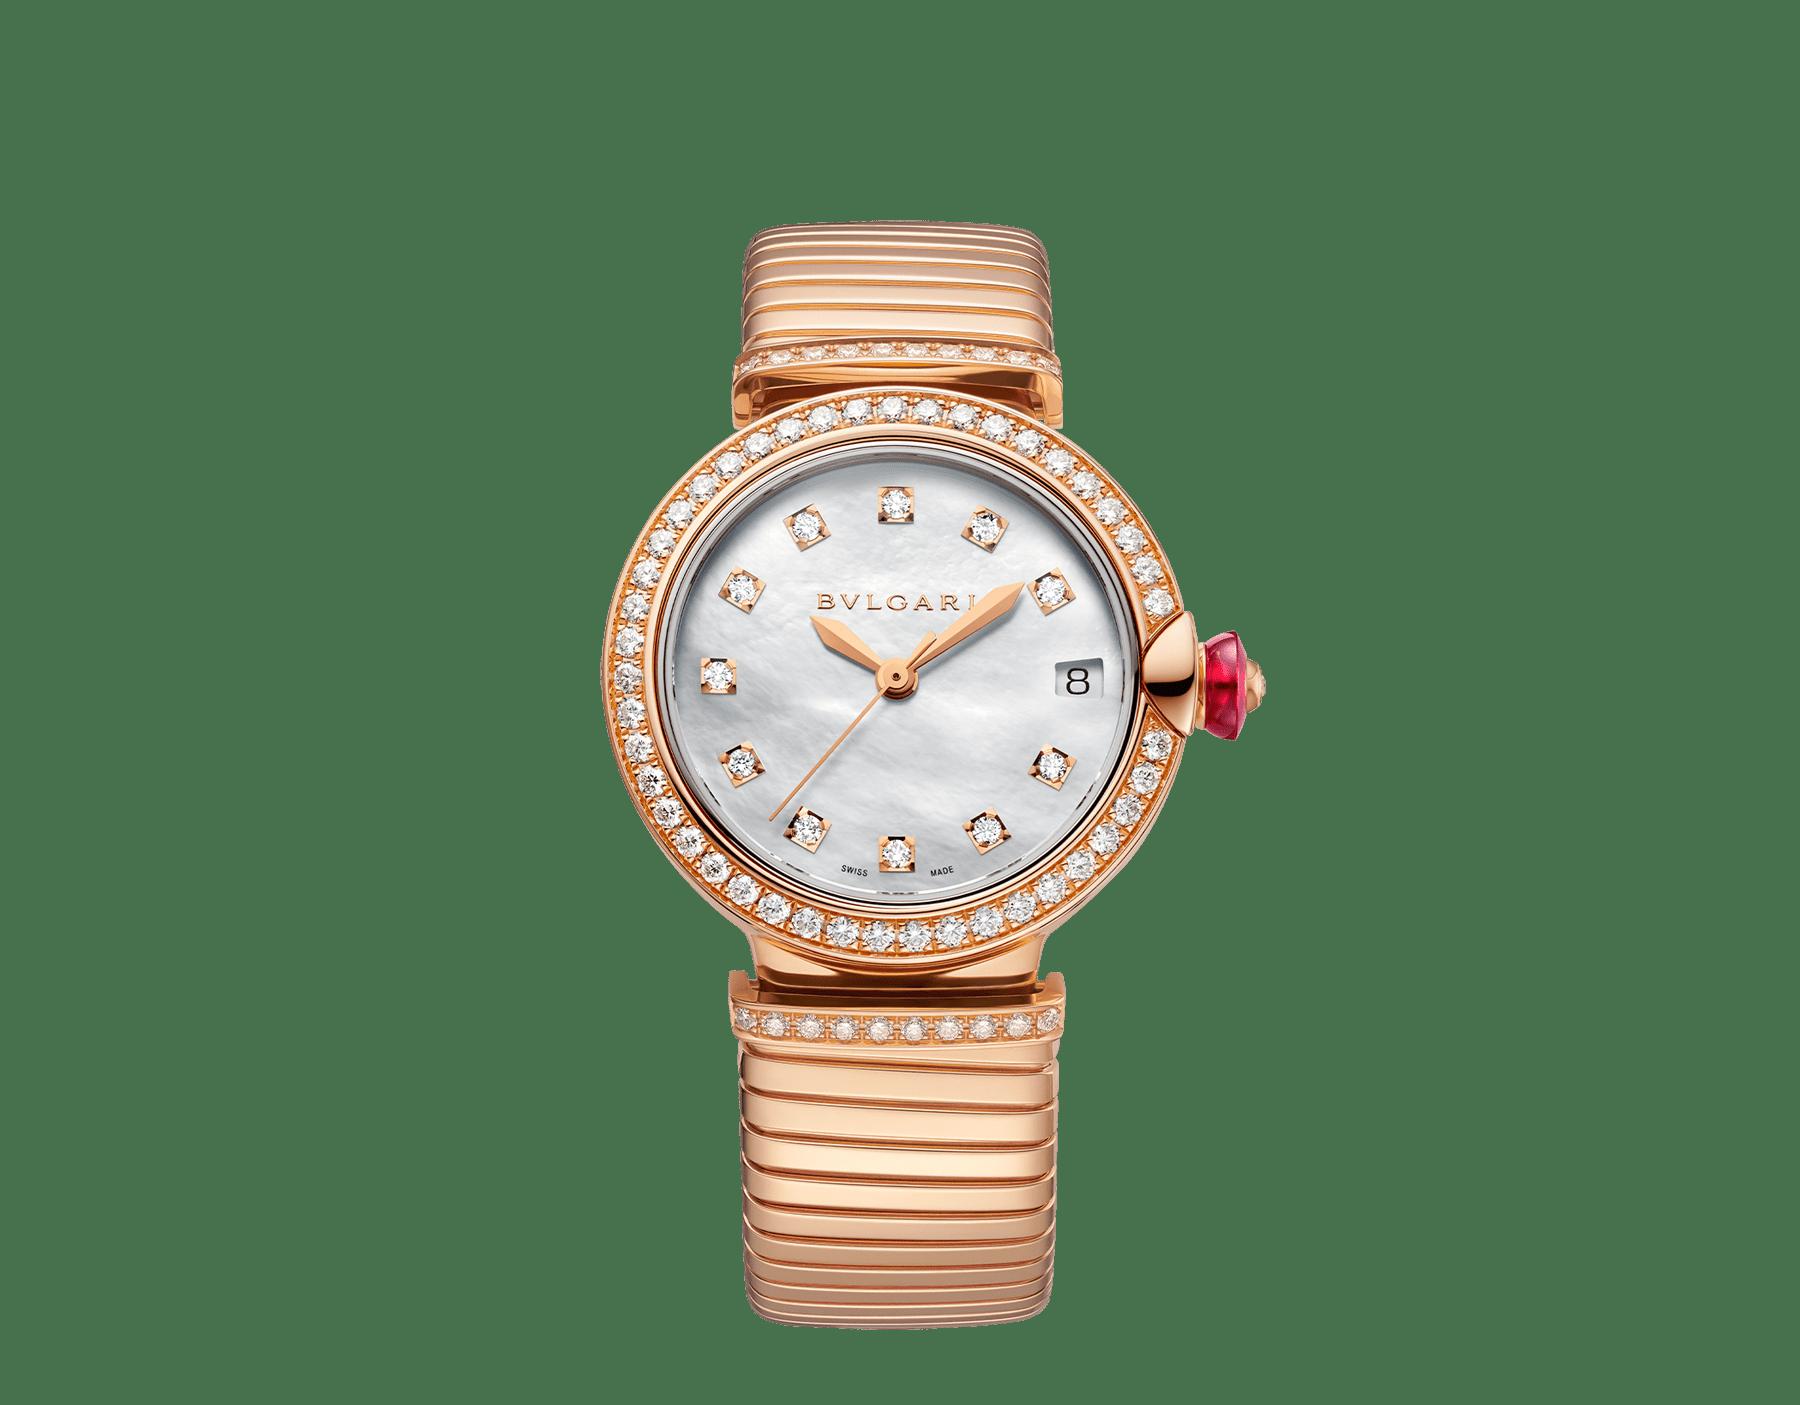 Relógio LVCEA Tubogas com caixa em ouro rosa 18K cravejada com diamantes, mostrador em madrepérola branca, índices de diamante e pulseira tubogas em ouro rosa 18K 103034 image 1